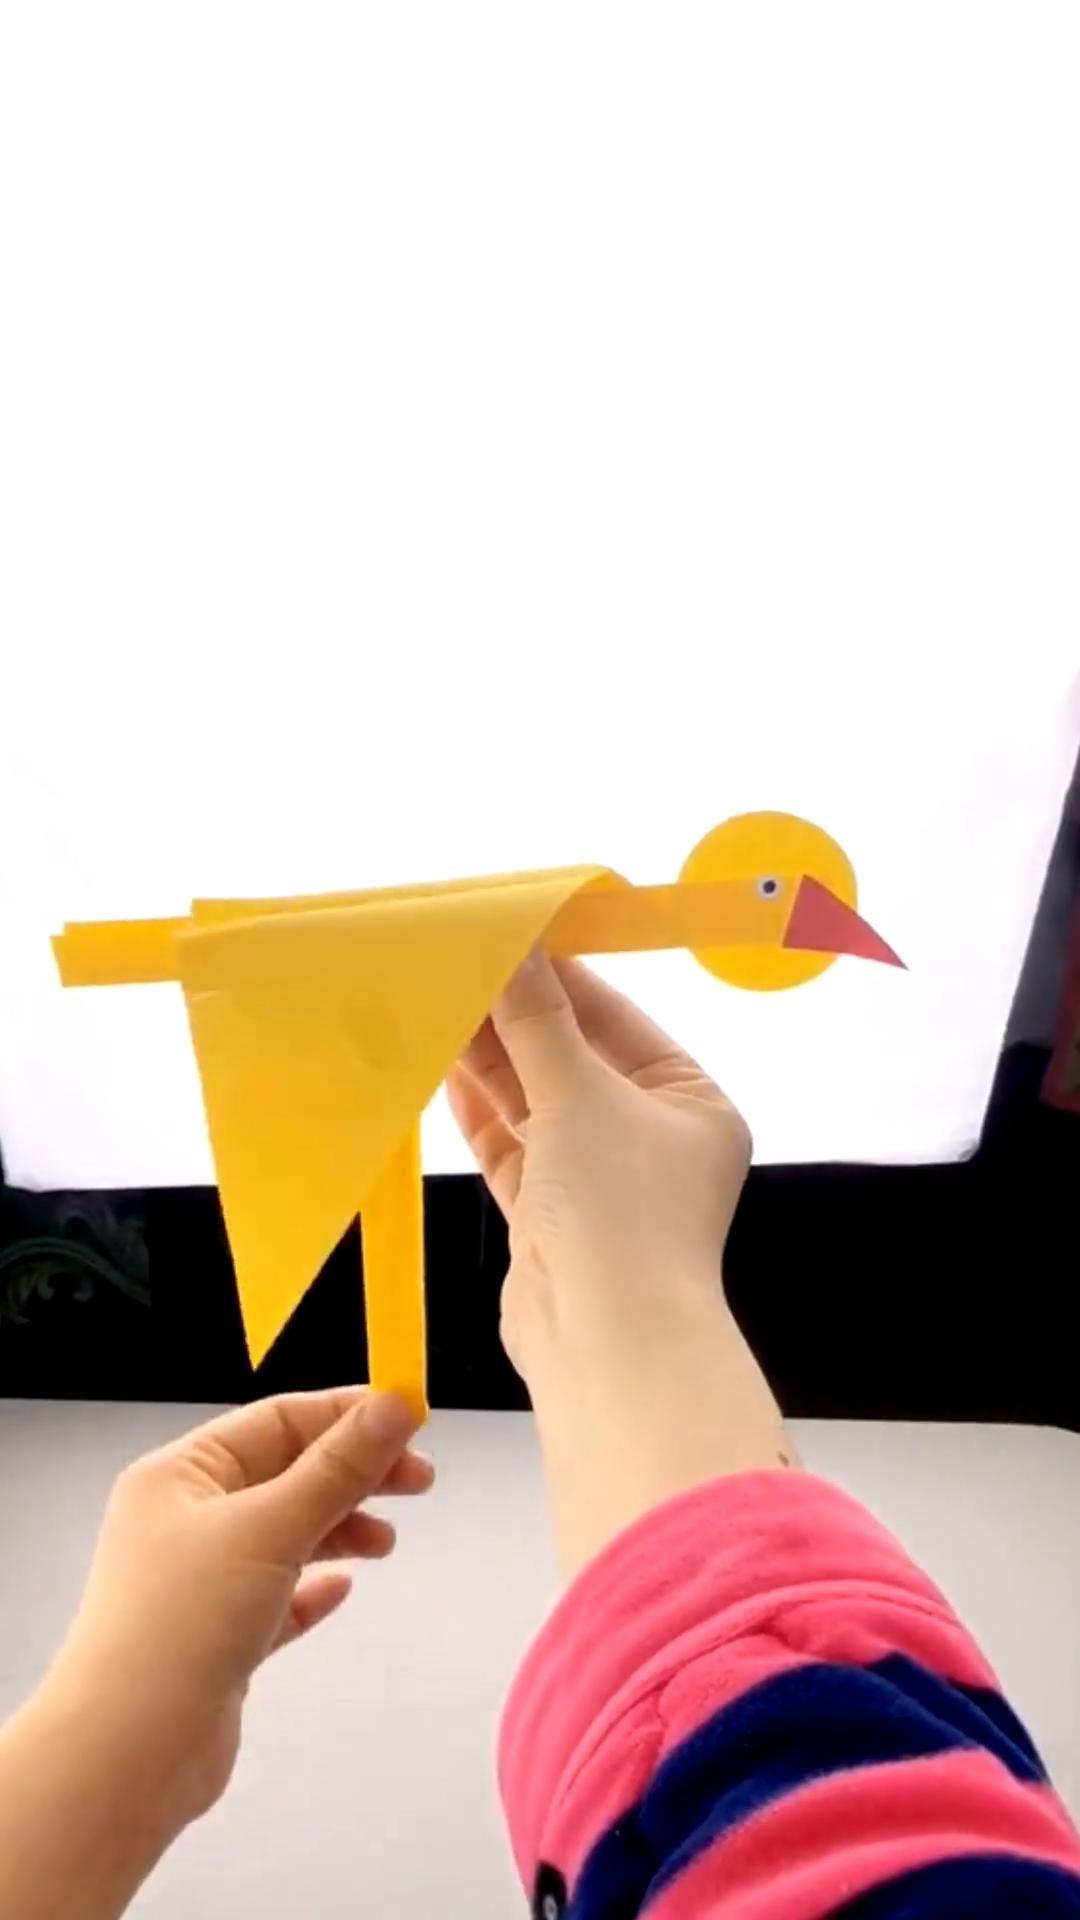 Origami paper bird - easy origami tutorial